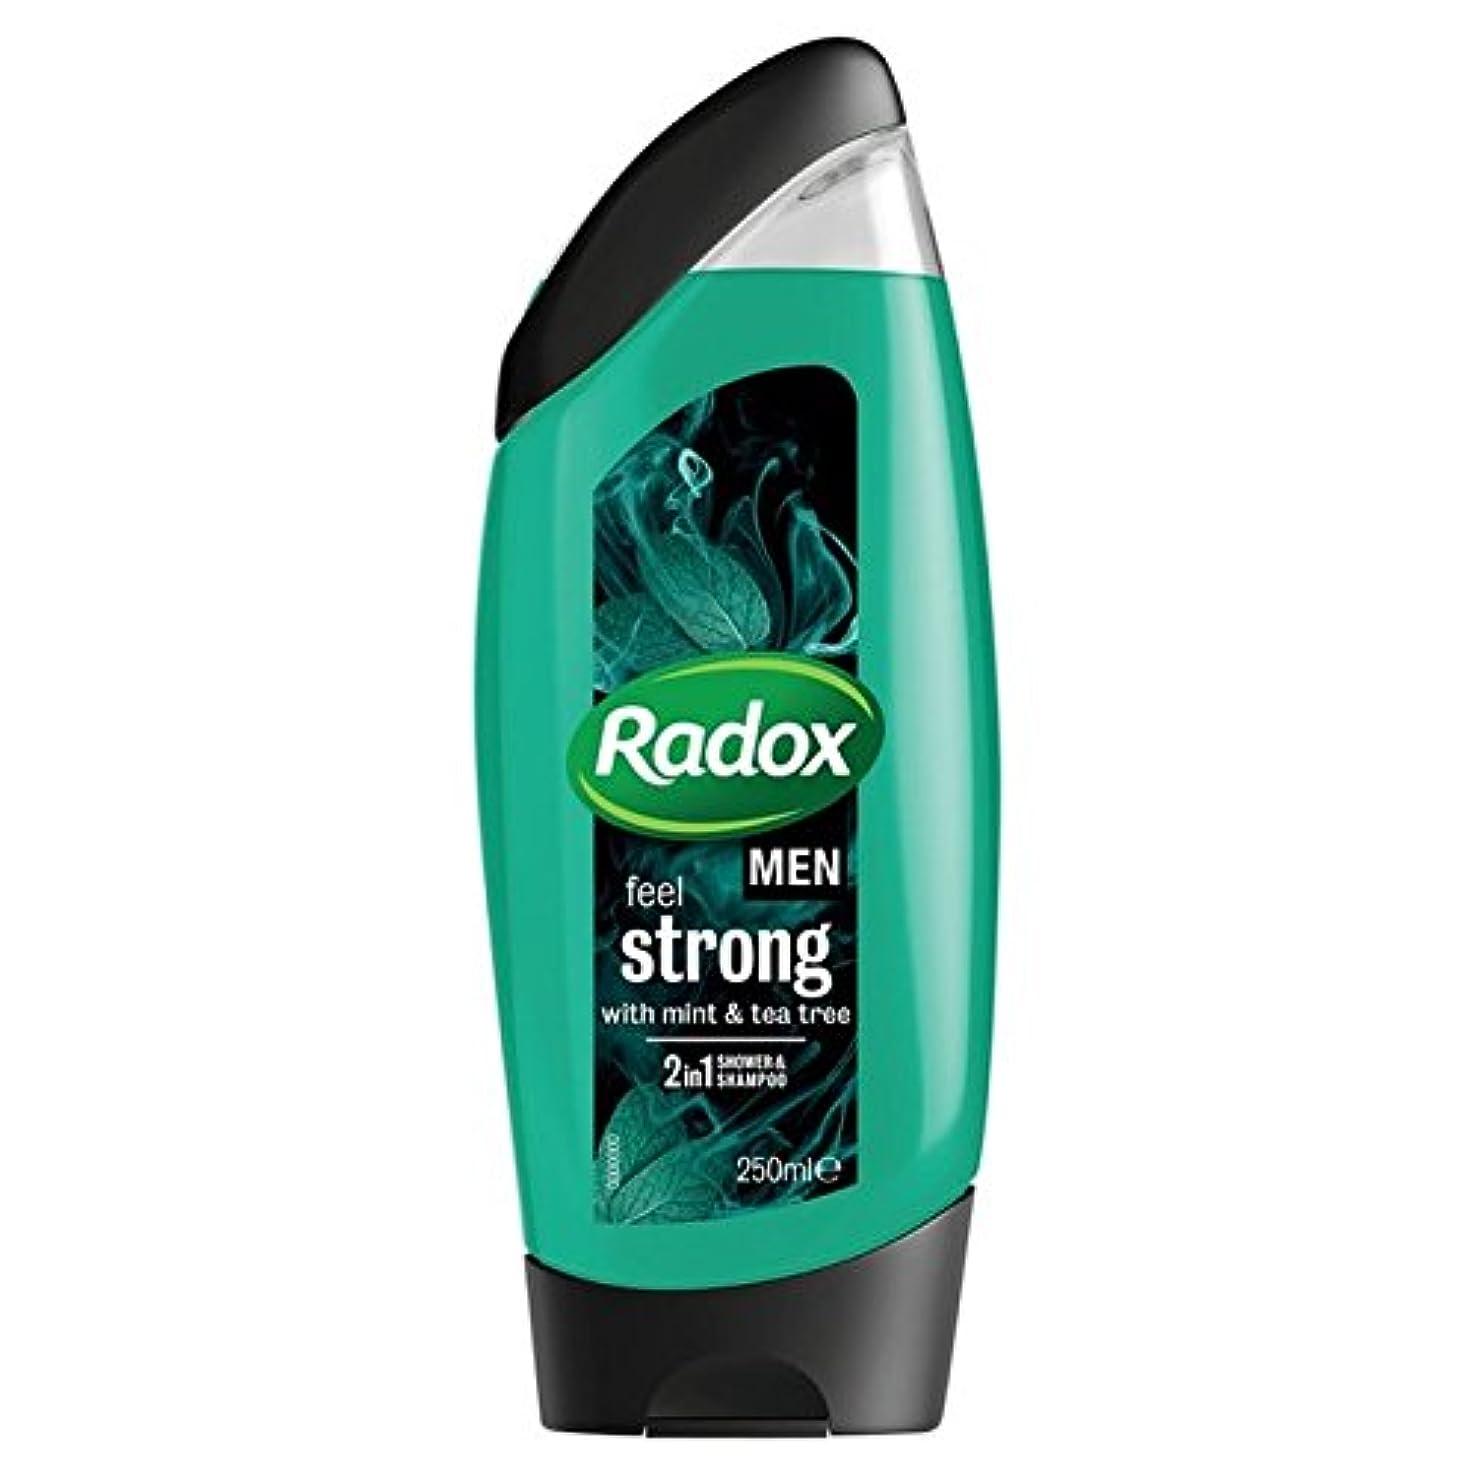 マイルベッドを作るハブ男性は、強力なミント&ティーツリーの21のシャワージェル250ミリリットルを感じます x4 - Radox Men Feel Strong Mint & Tea Tree 2in1 Shower Gel 250ml (Pack...